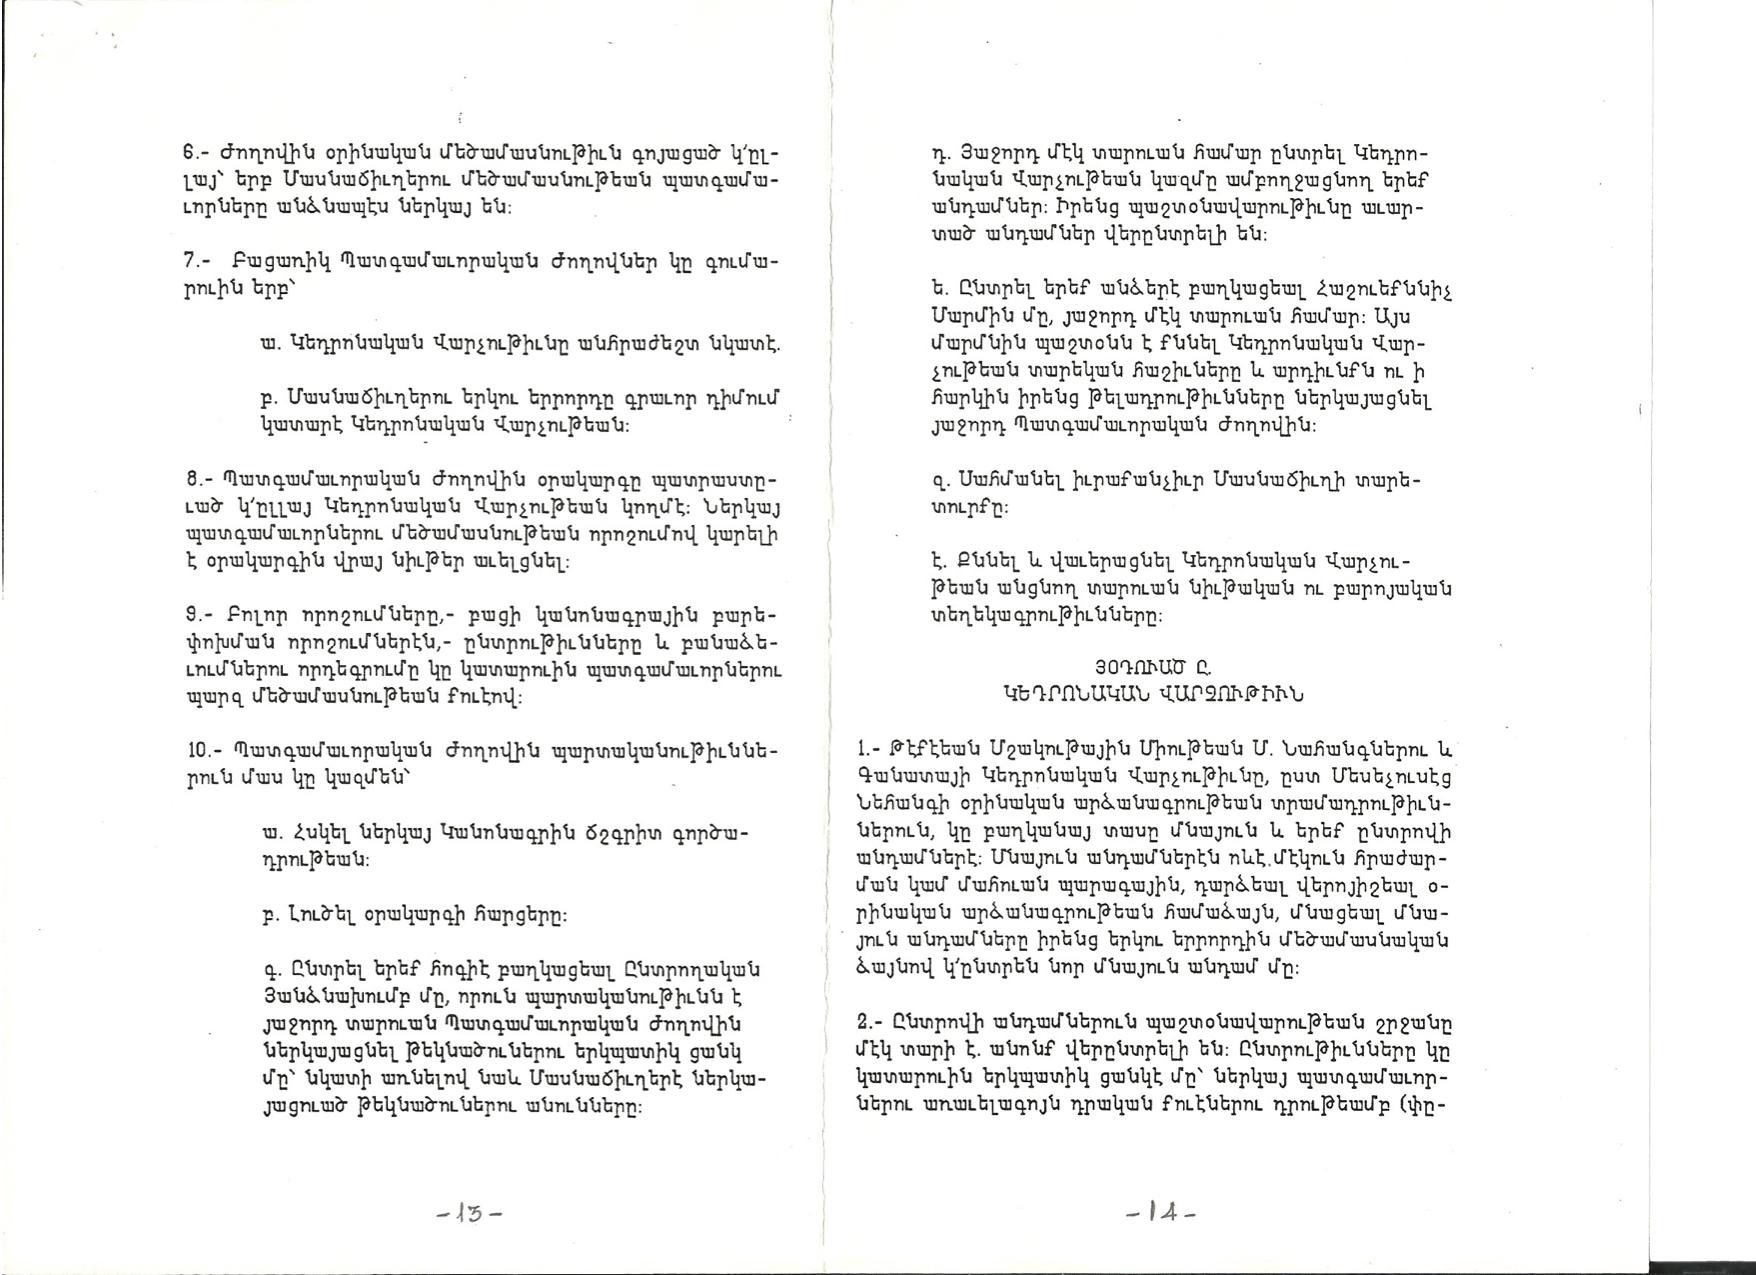 Կանոնագիր Թէքէեան Մշակ. Միութեան8.jpg